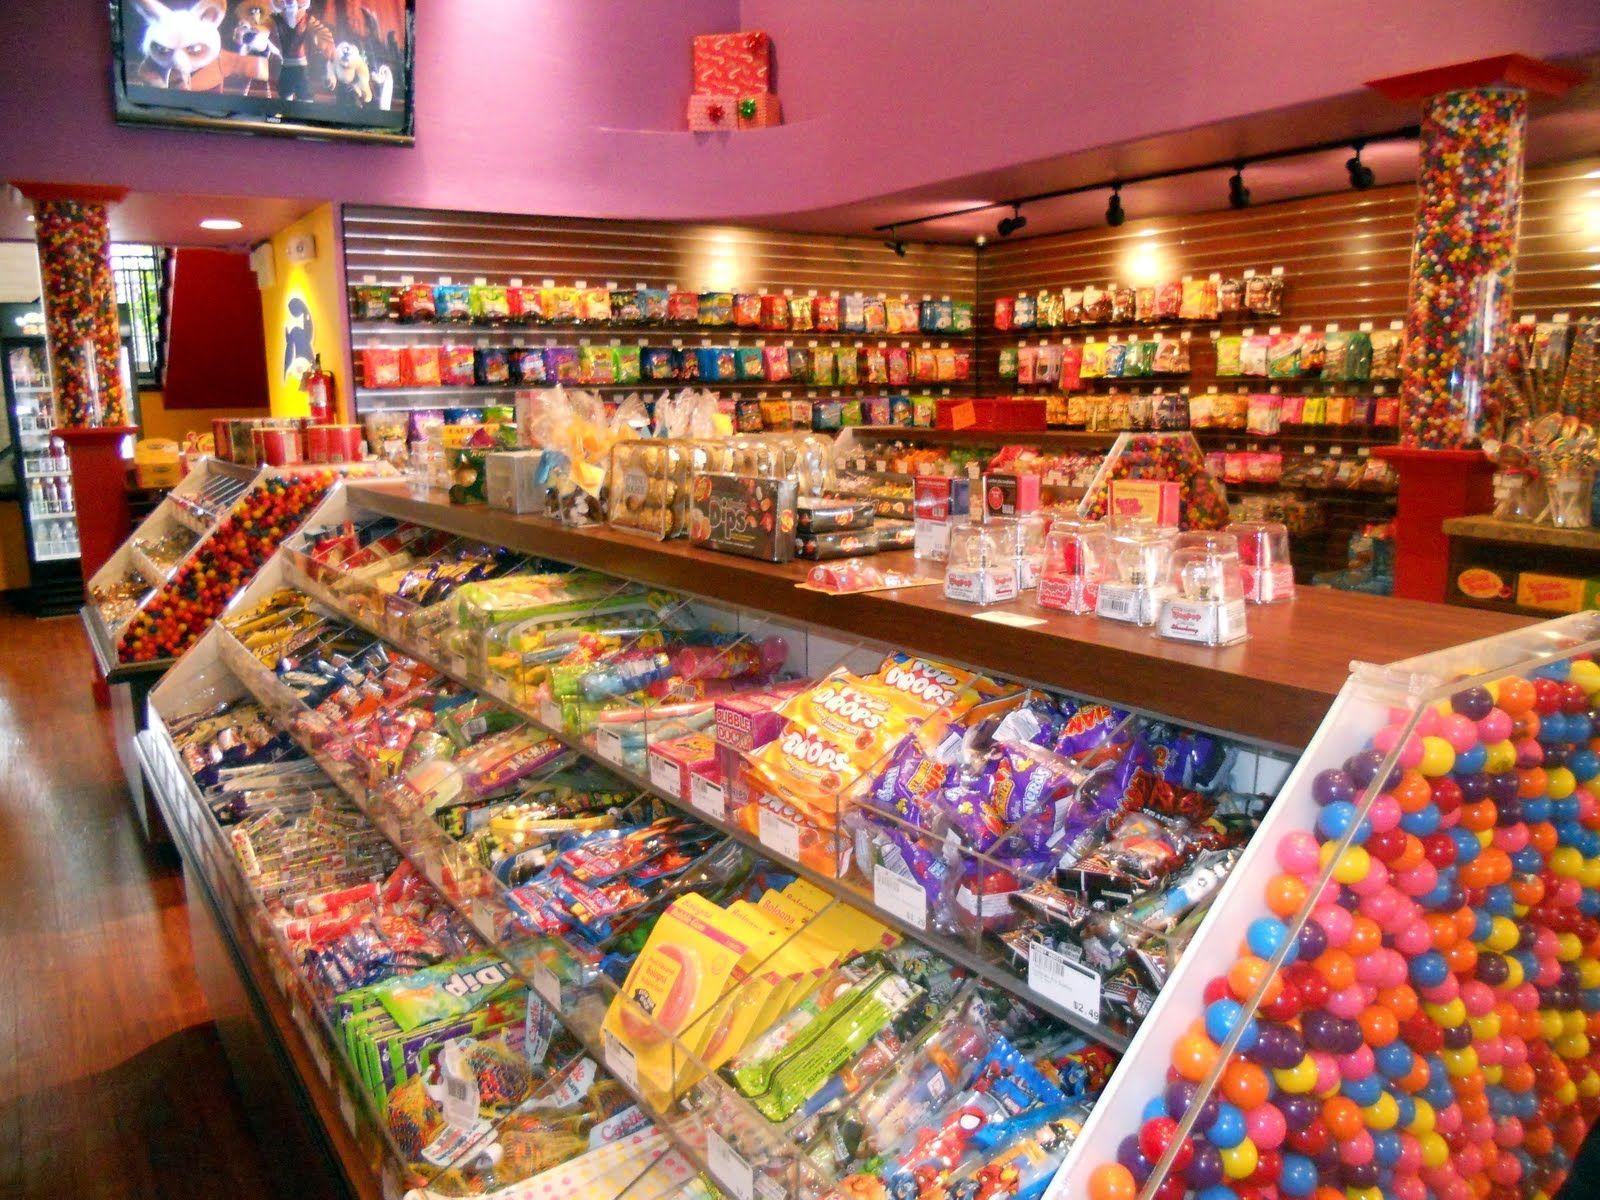 Después de tu hora matutina de ejercicio, vas a comprar un dulce. ¿Qué dulce vas a comprar?